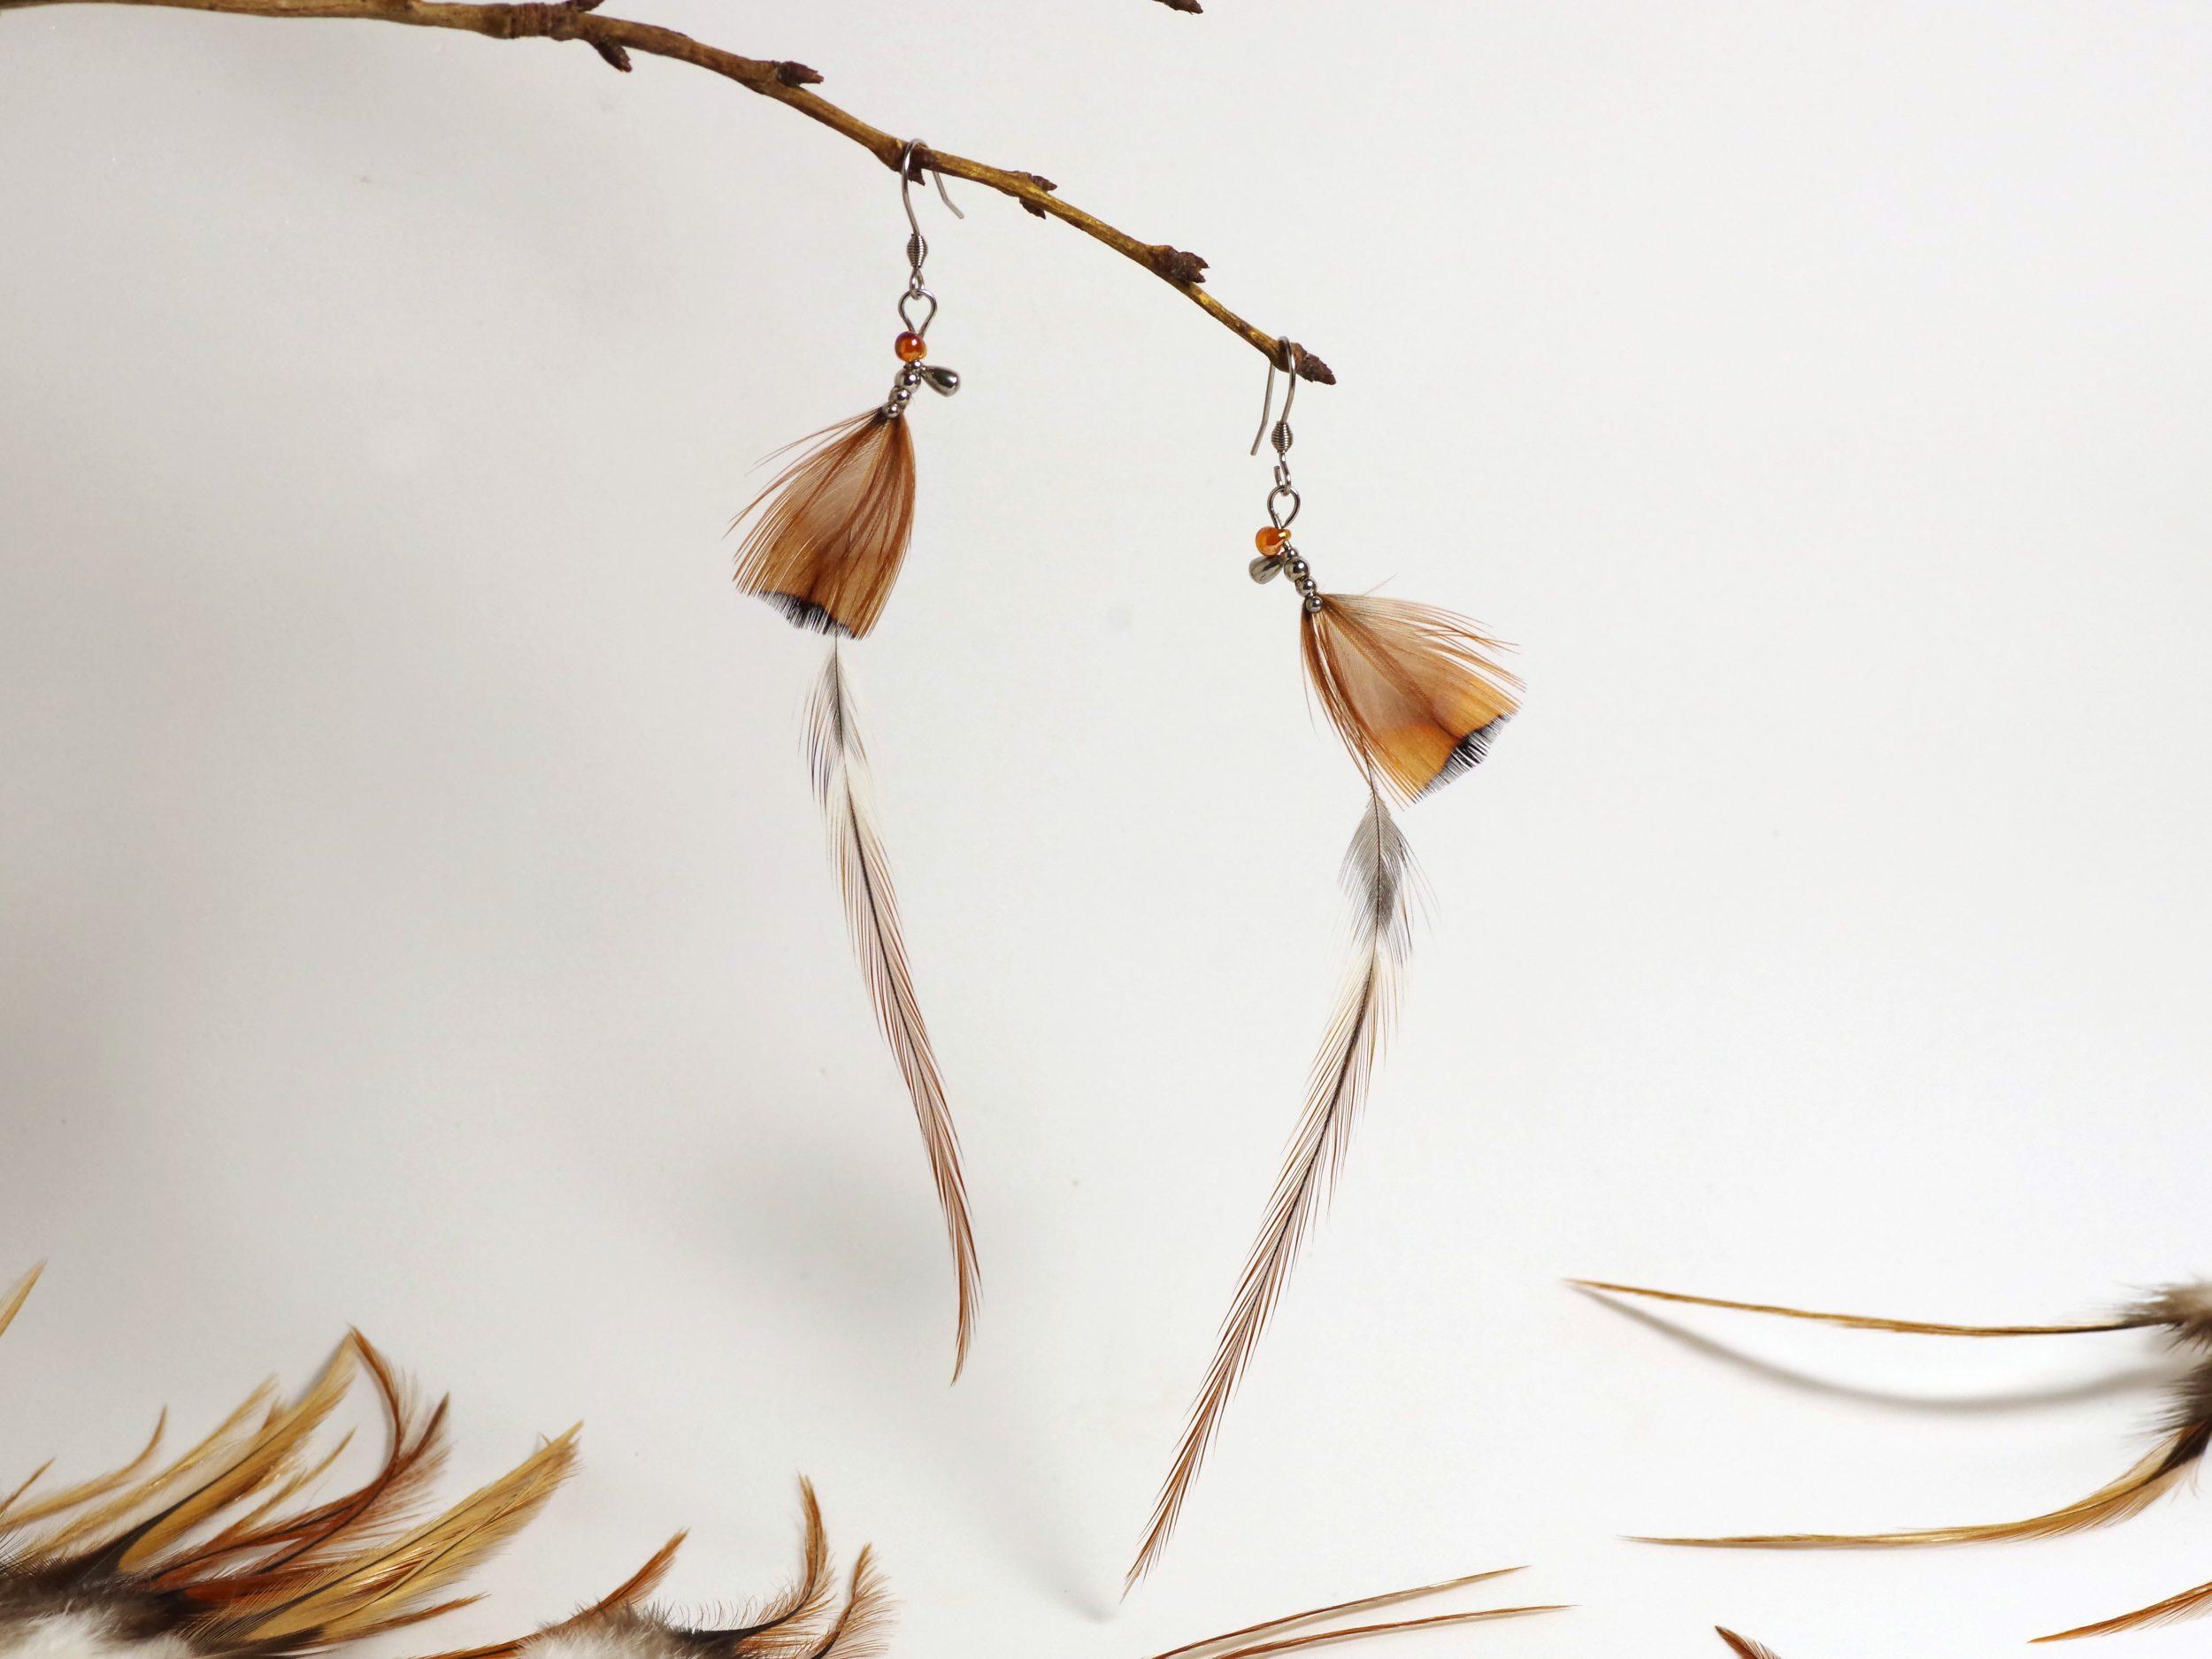 boucles d'oreilles autx très longues et fines plumes marron